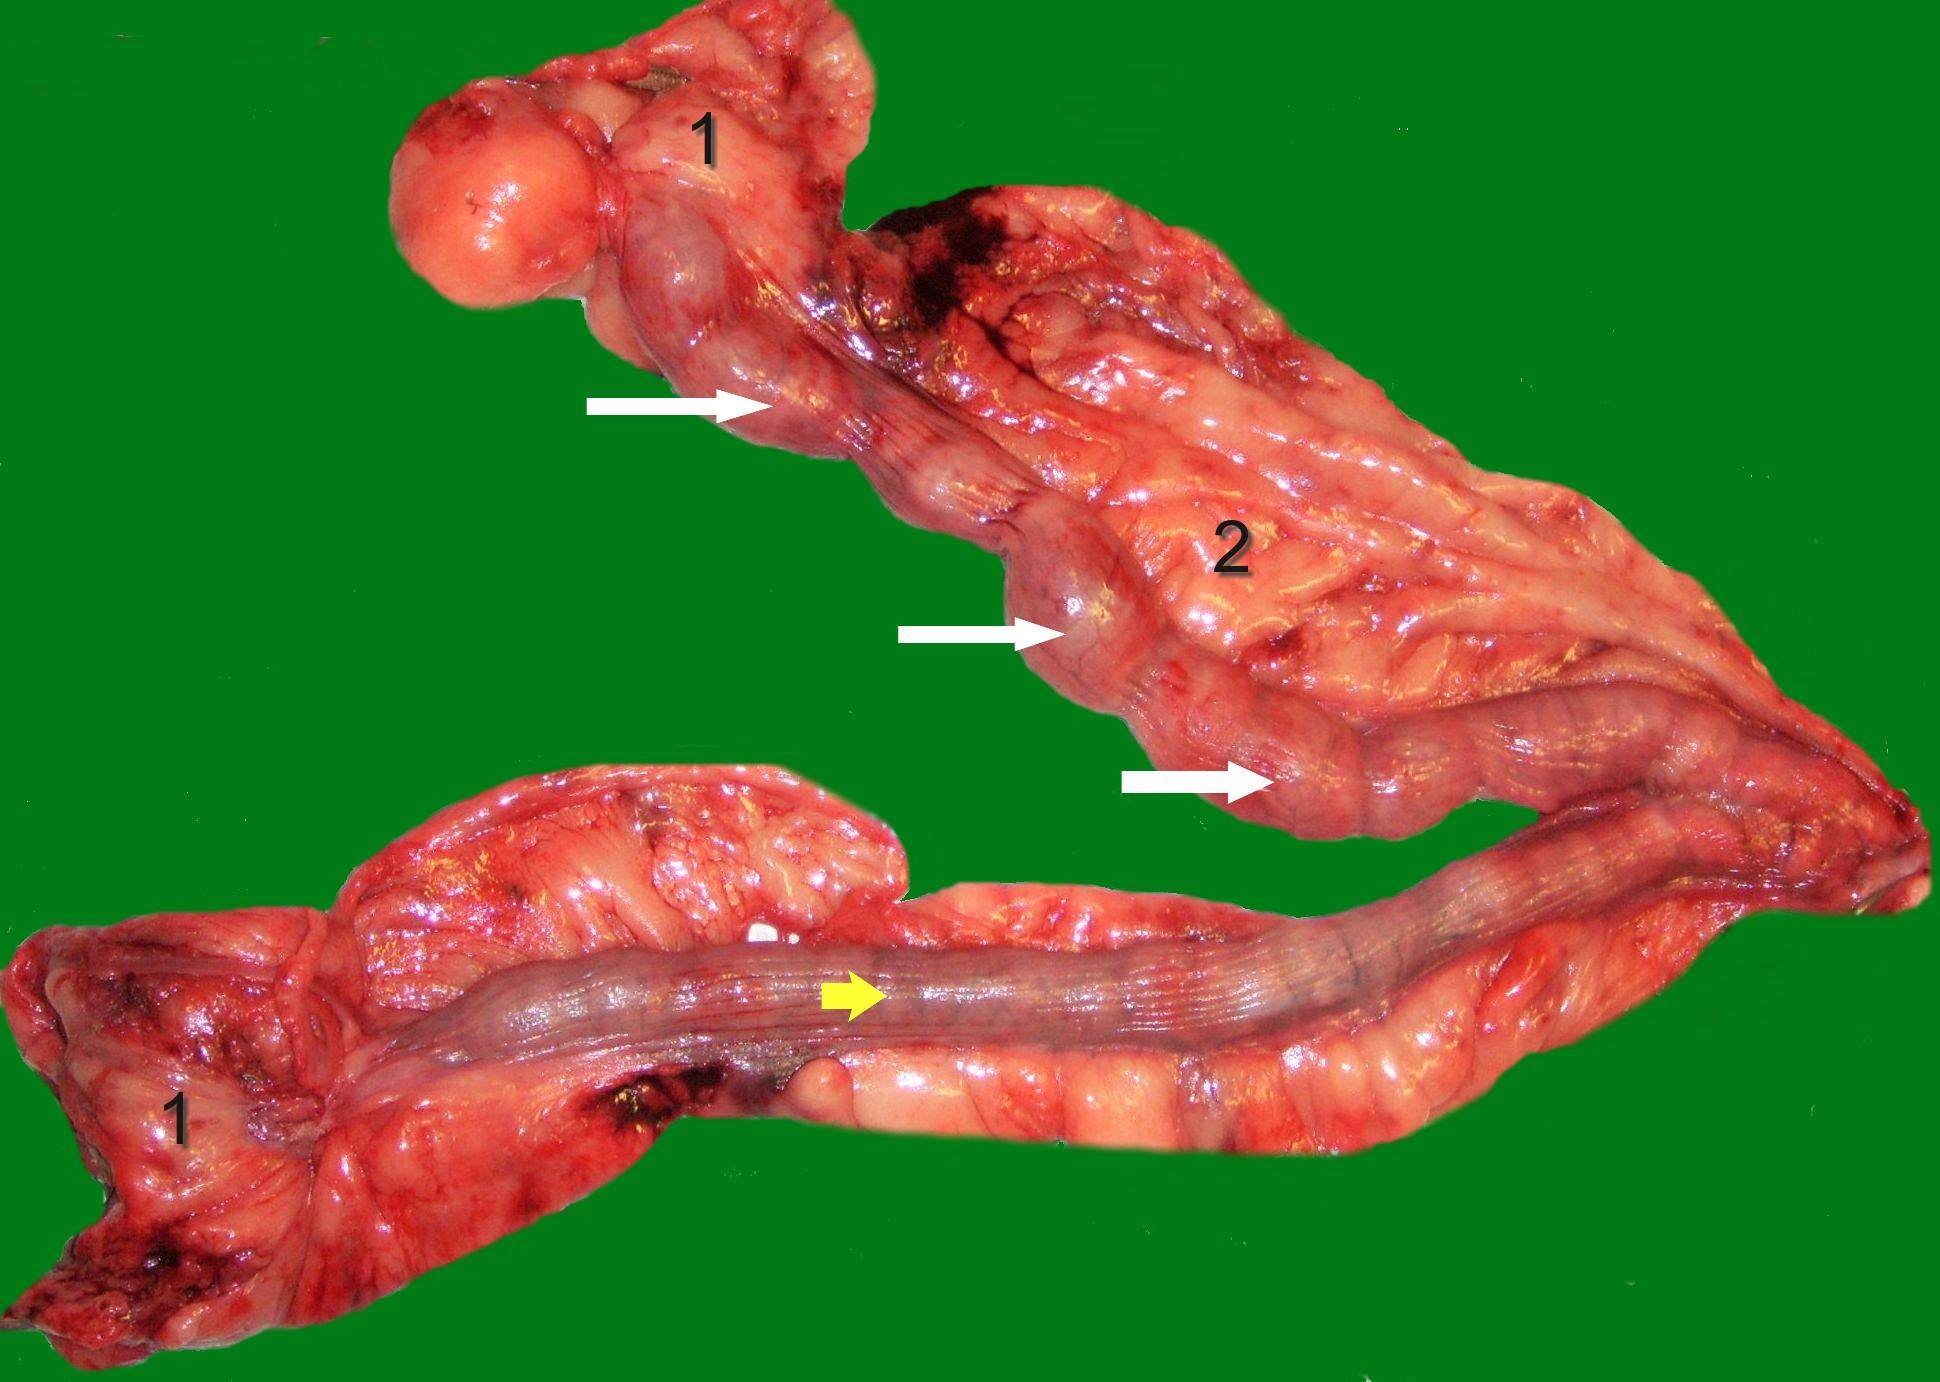 Glandulär zystische Hyperplasie des Endometriums   Wikiwand